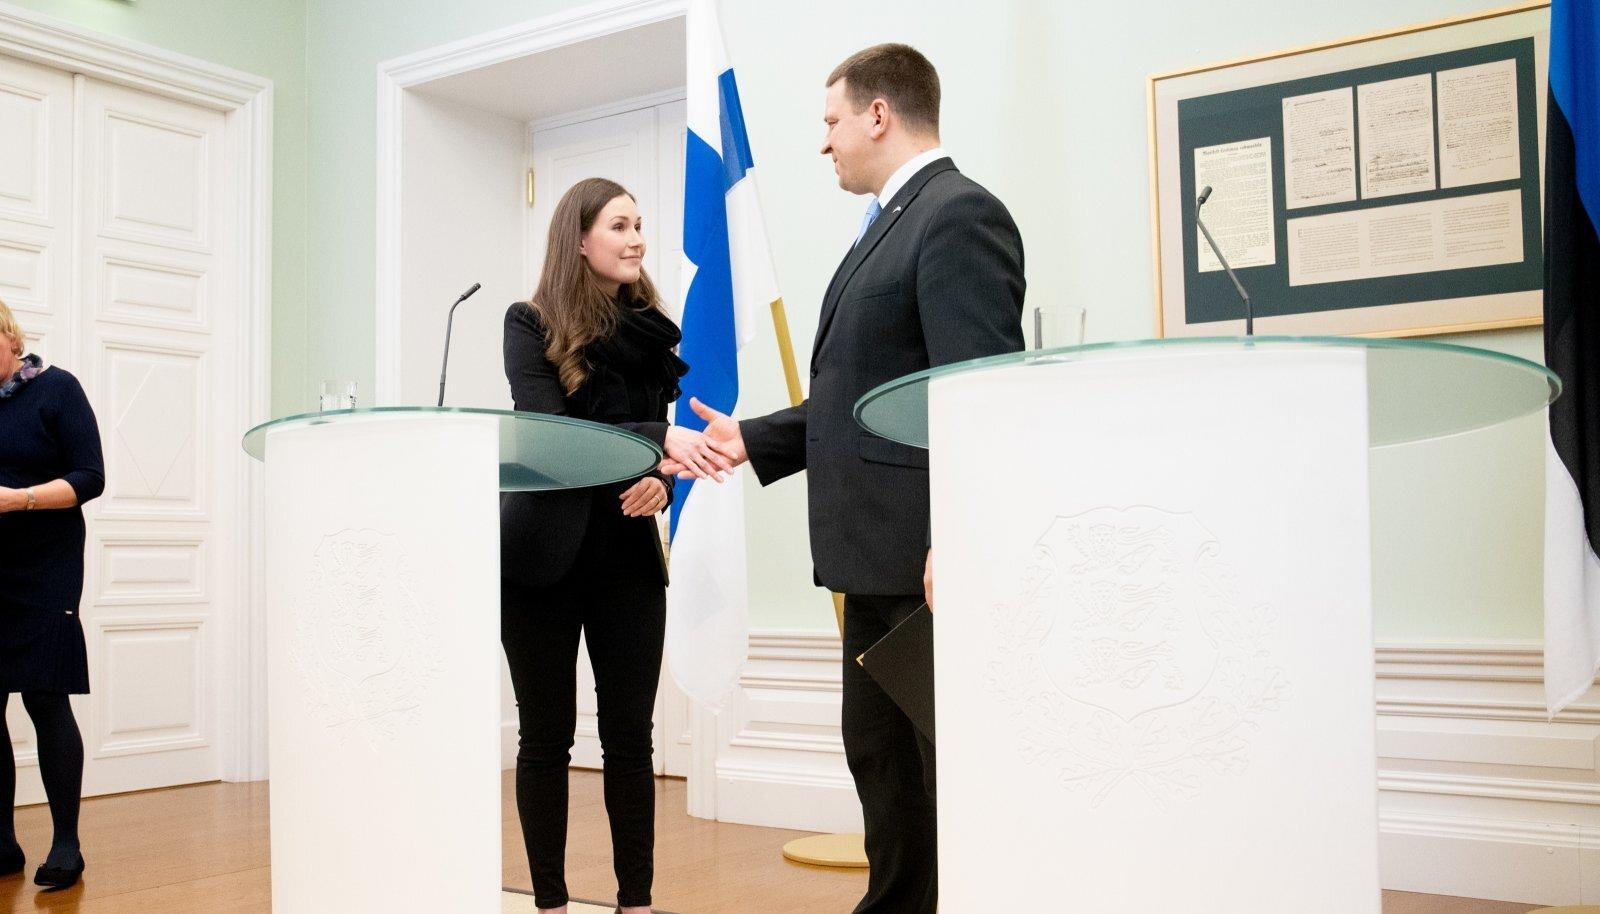 UUS VOOR: Sanna Marin ja Jüri Ratas sel reedel Stenbocki majas.